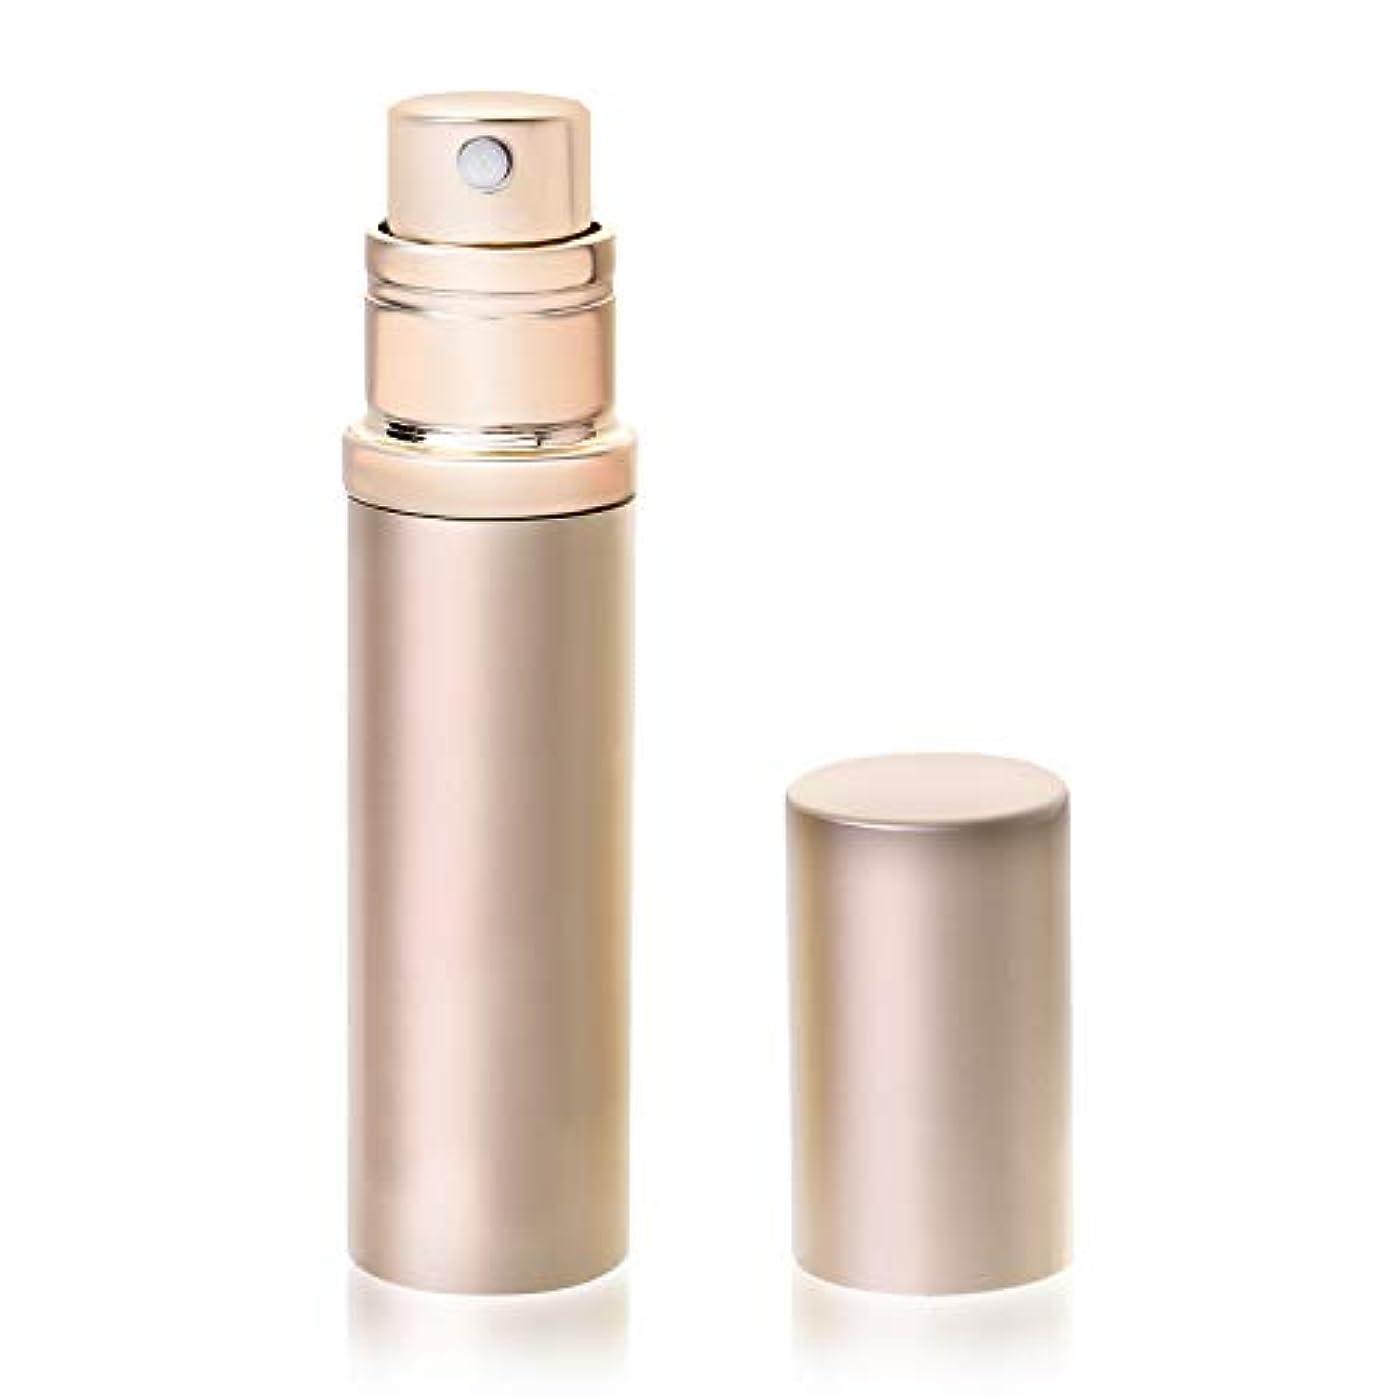 元のすずめ抵抗するアトマイザ- 香水 容器 詰め替え クイック 携帯用 詰め替え 香水用 ワンタッチ補充 ポータブル 香水噴霧器 香水スプレー シャンパンゴールド YOOMARO